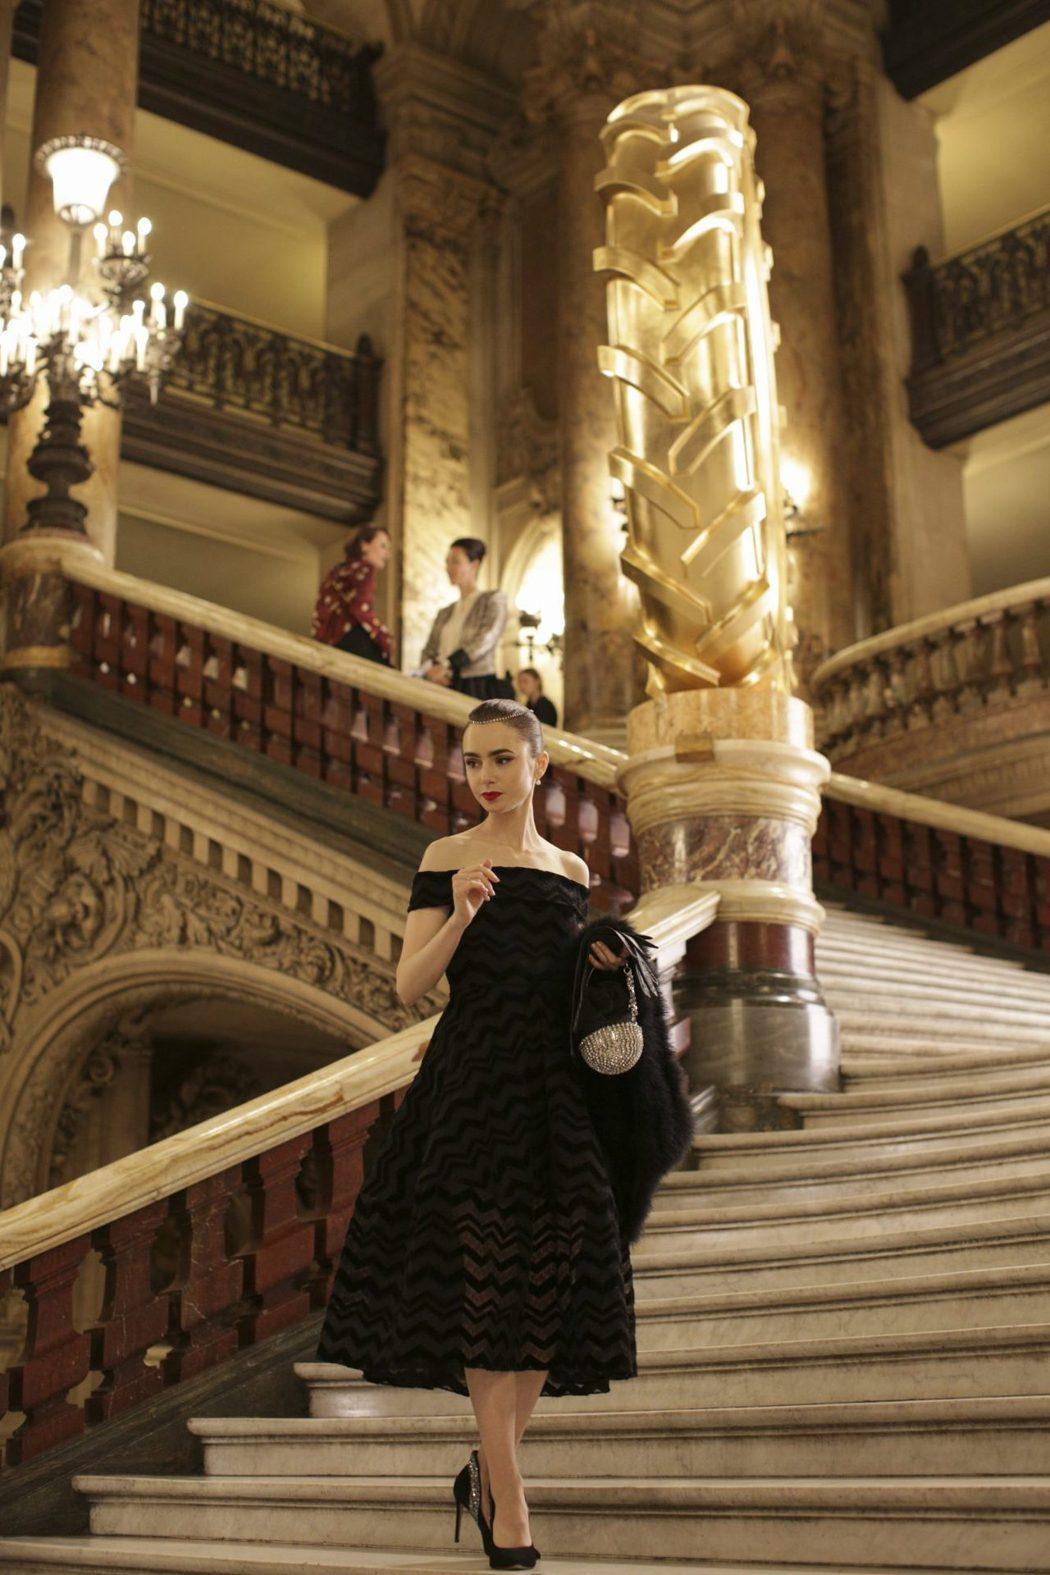 「艾蜜莉在巴黎」雖然收視不差,劇評卻不佳。圖/摘自Netflix